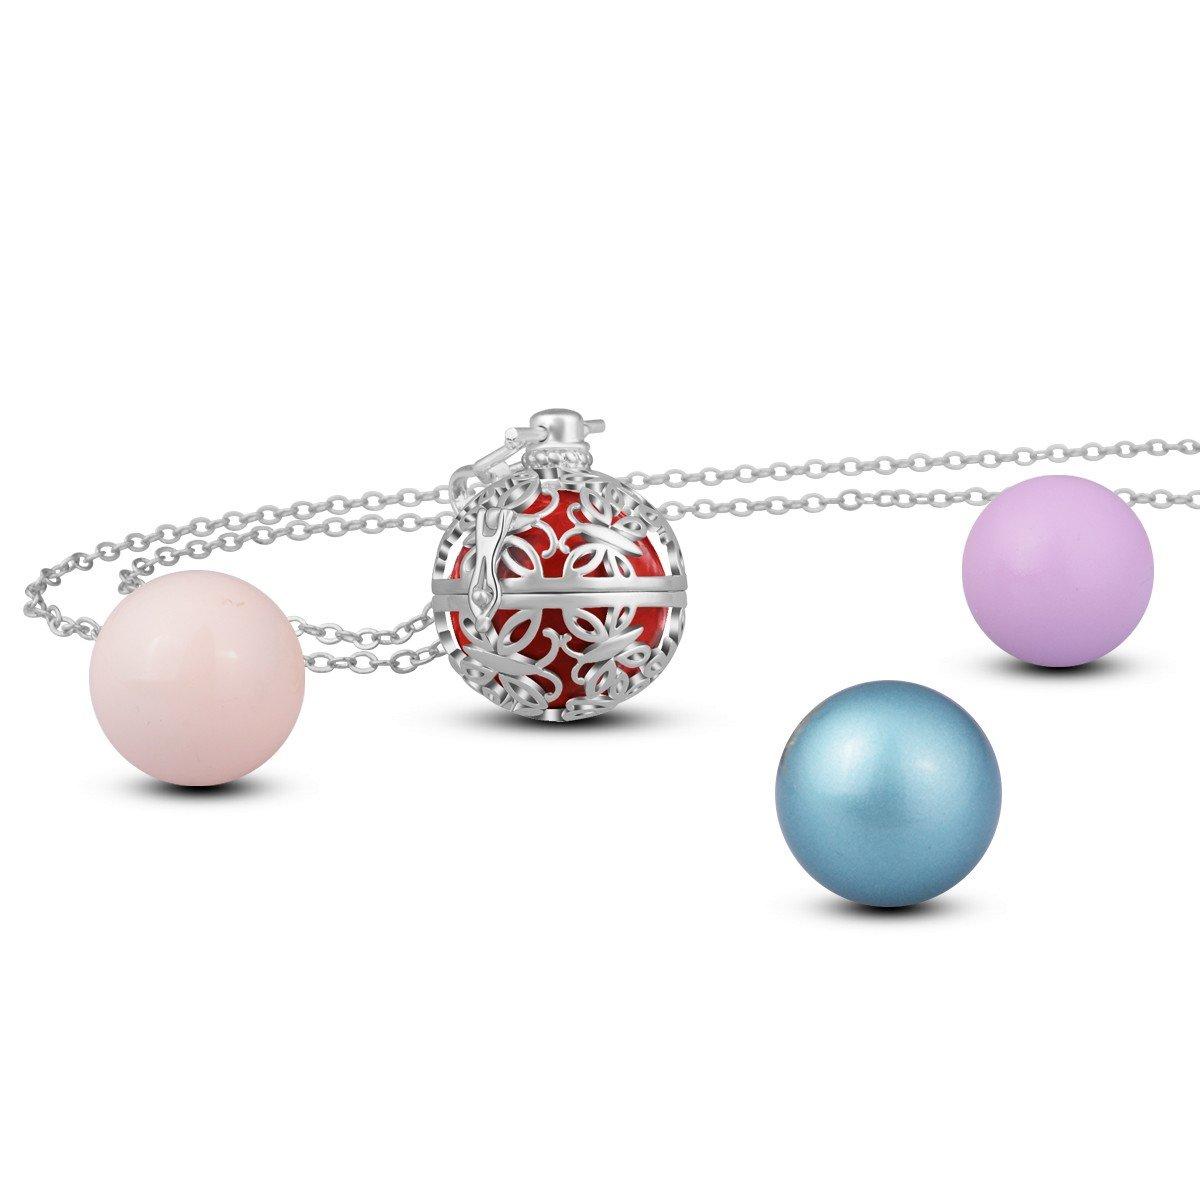 Amazon.com: AEONSLOVE - Collar con colgante de bola de ...